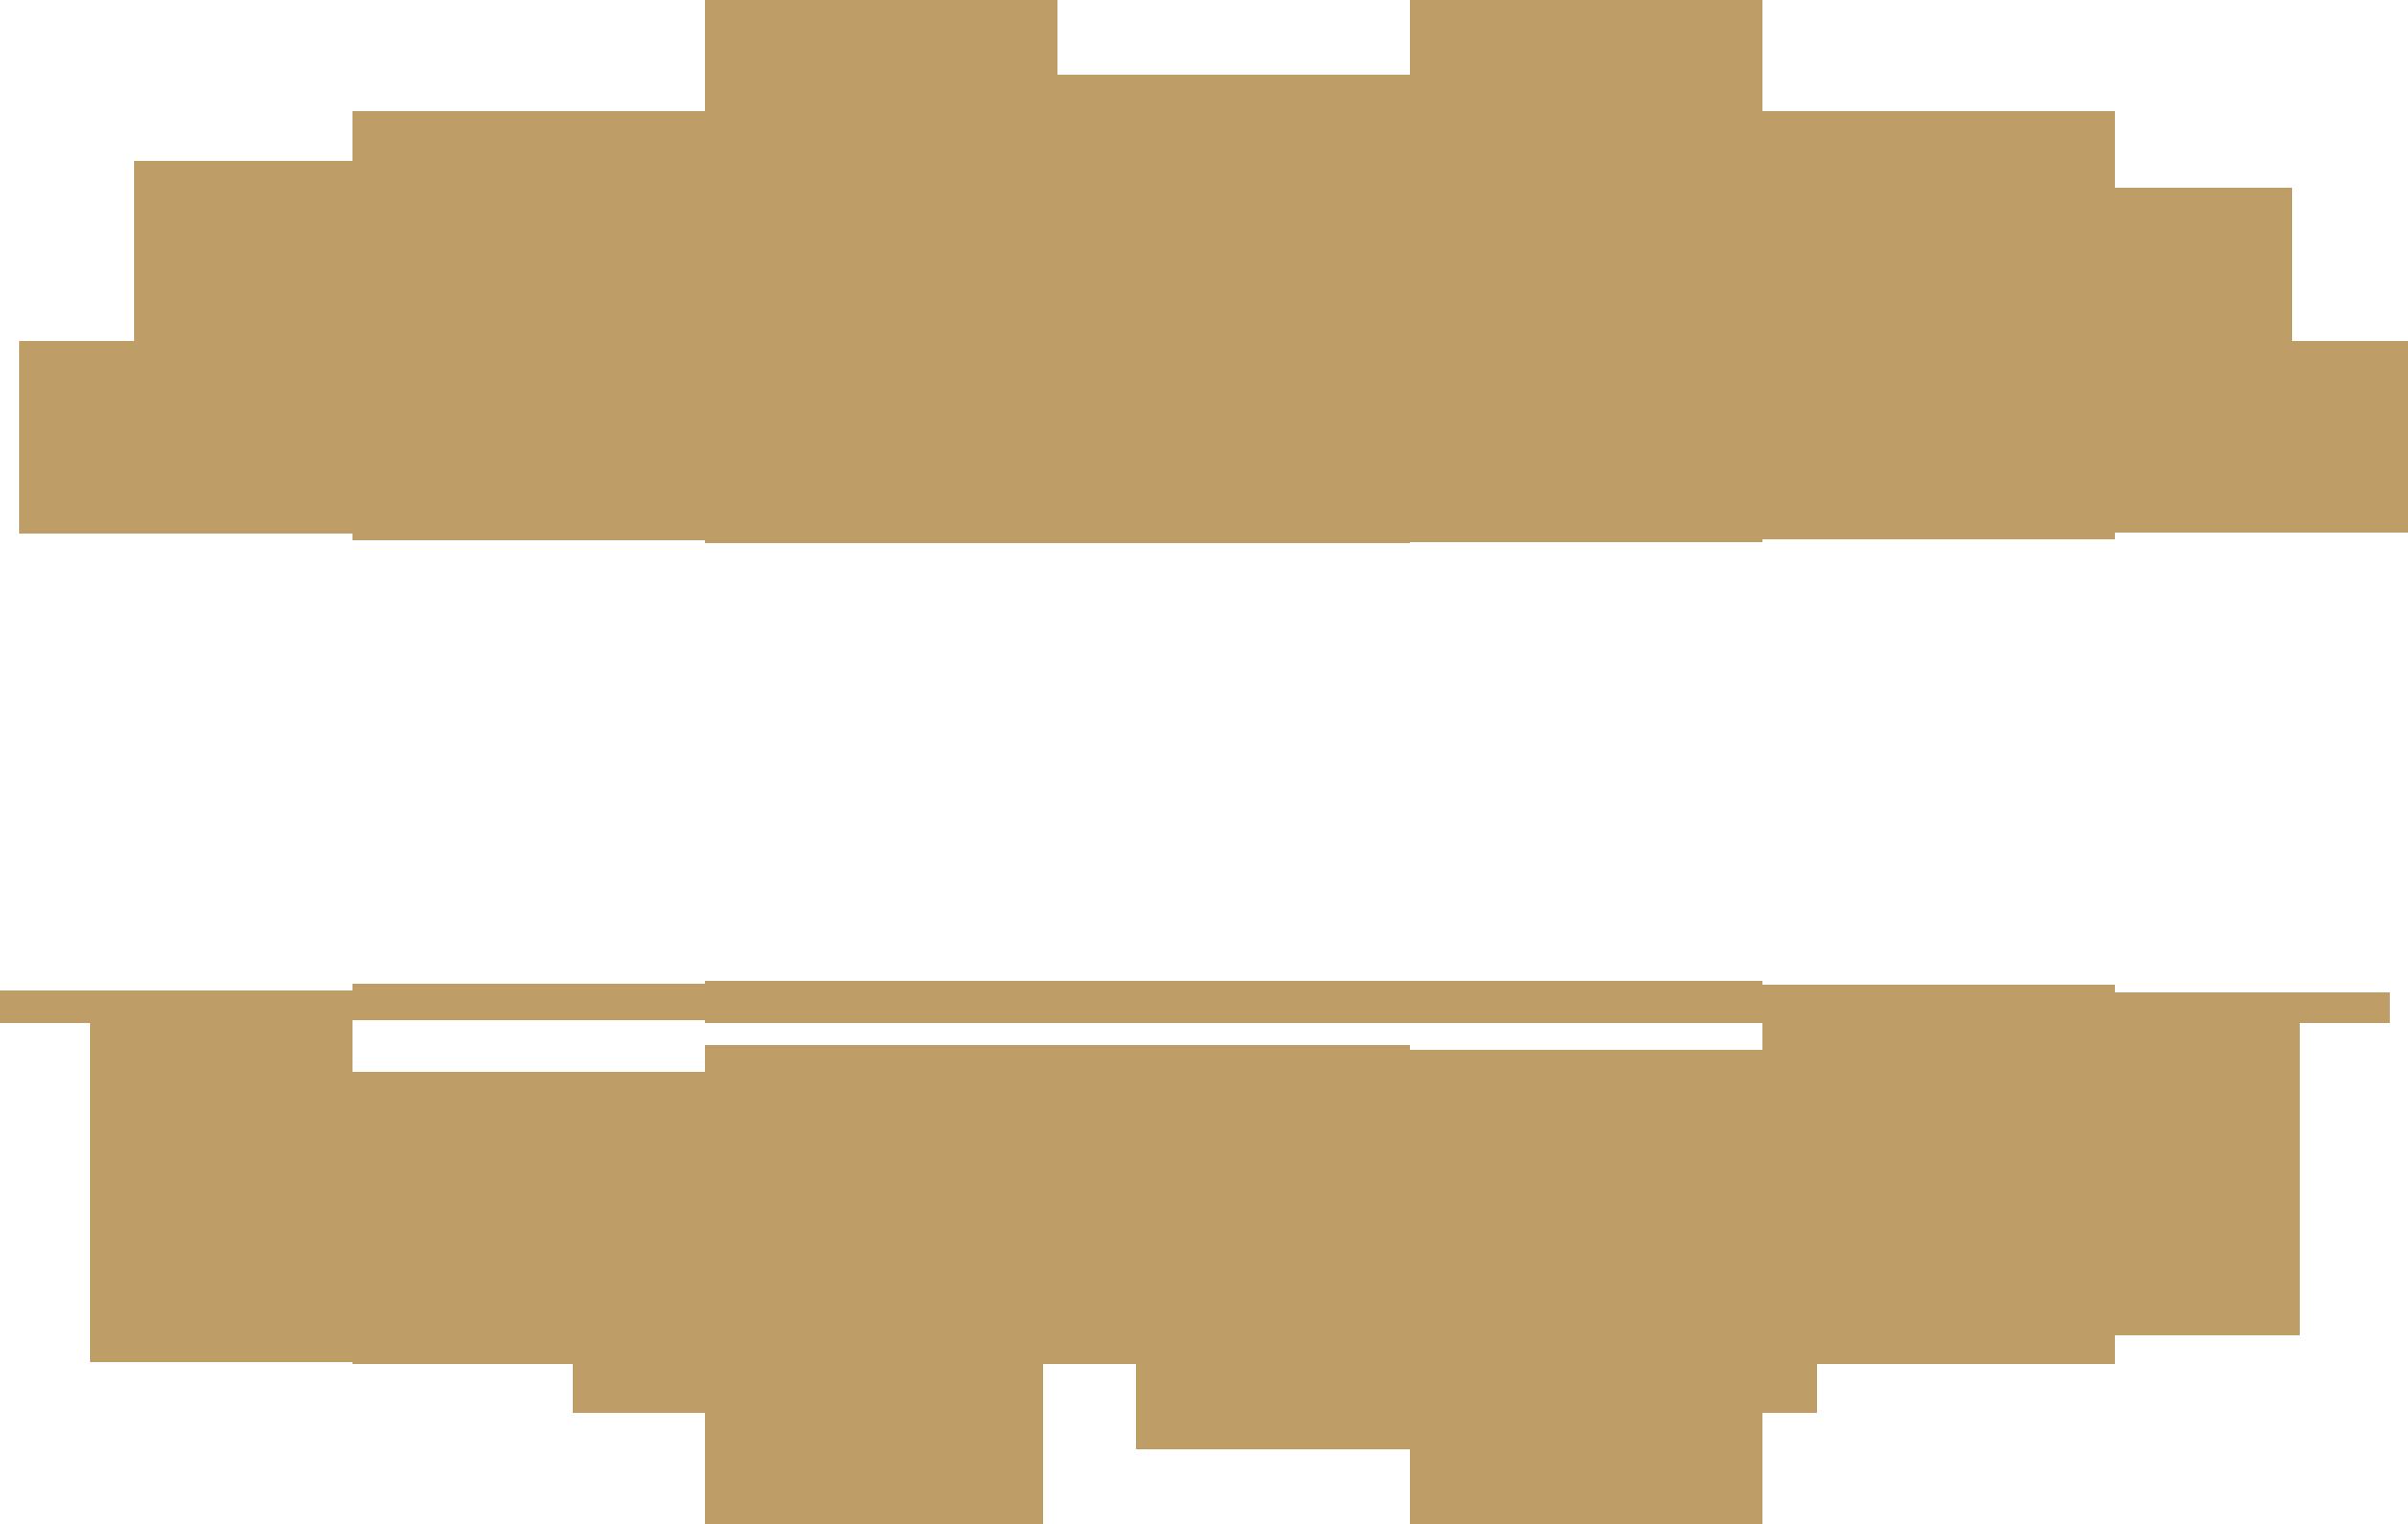 سكرابز للتصميم ادوات تصميم Png